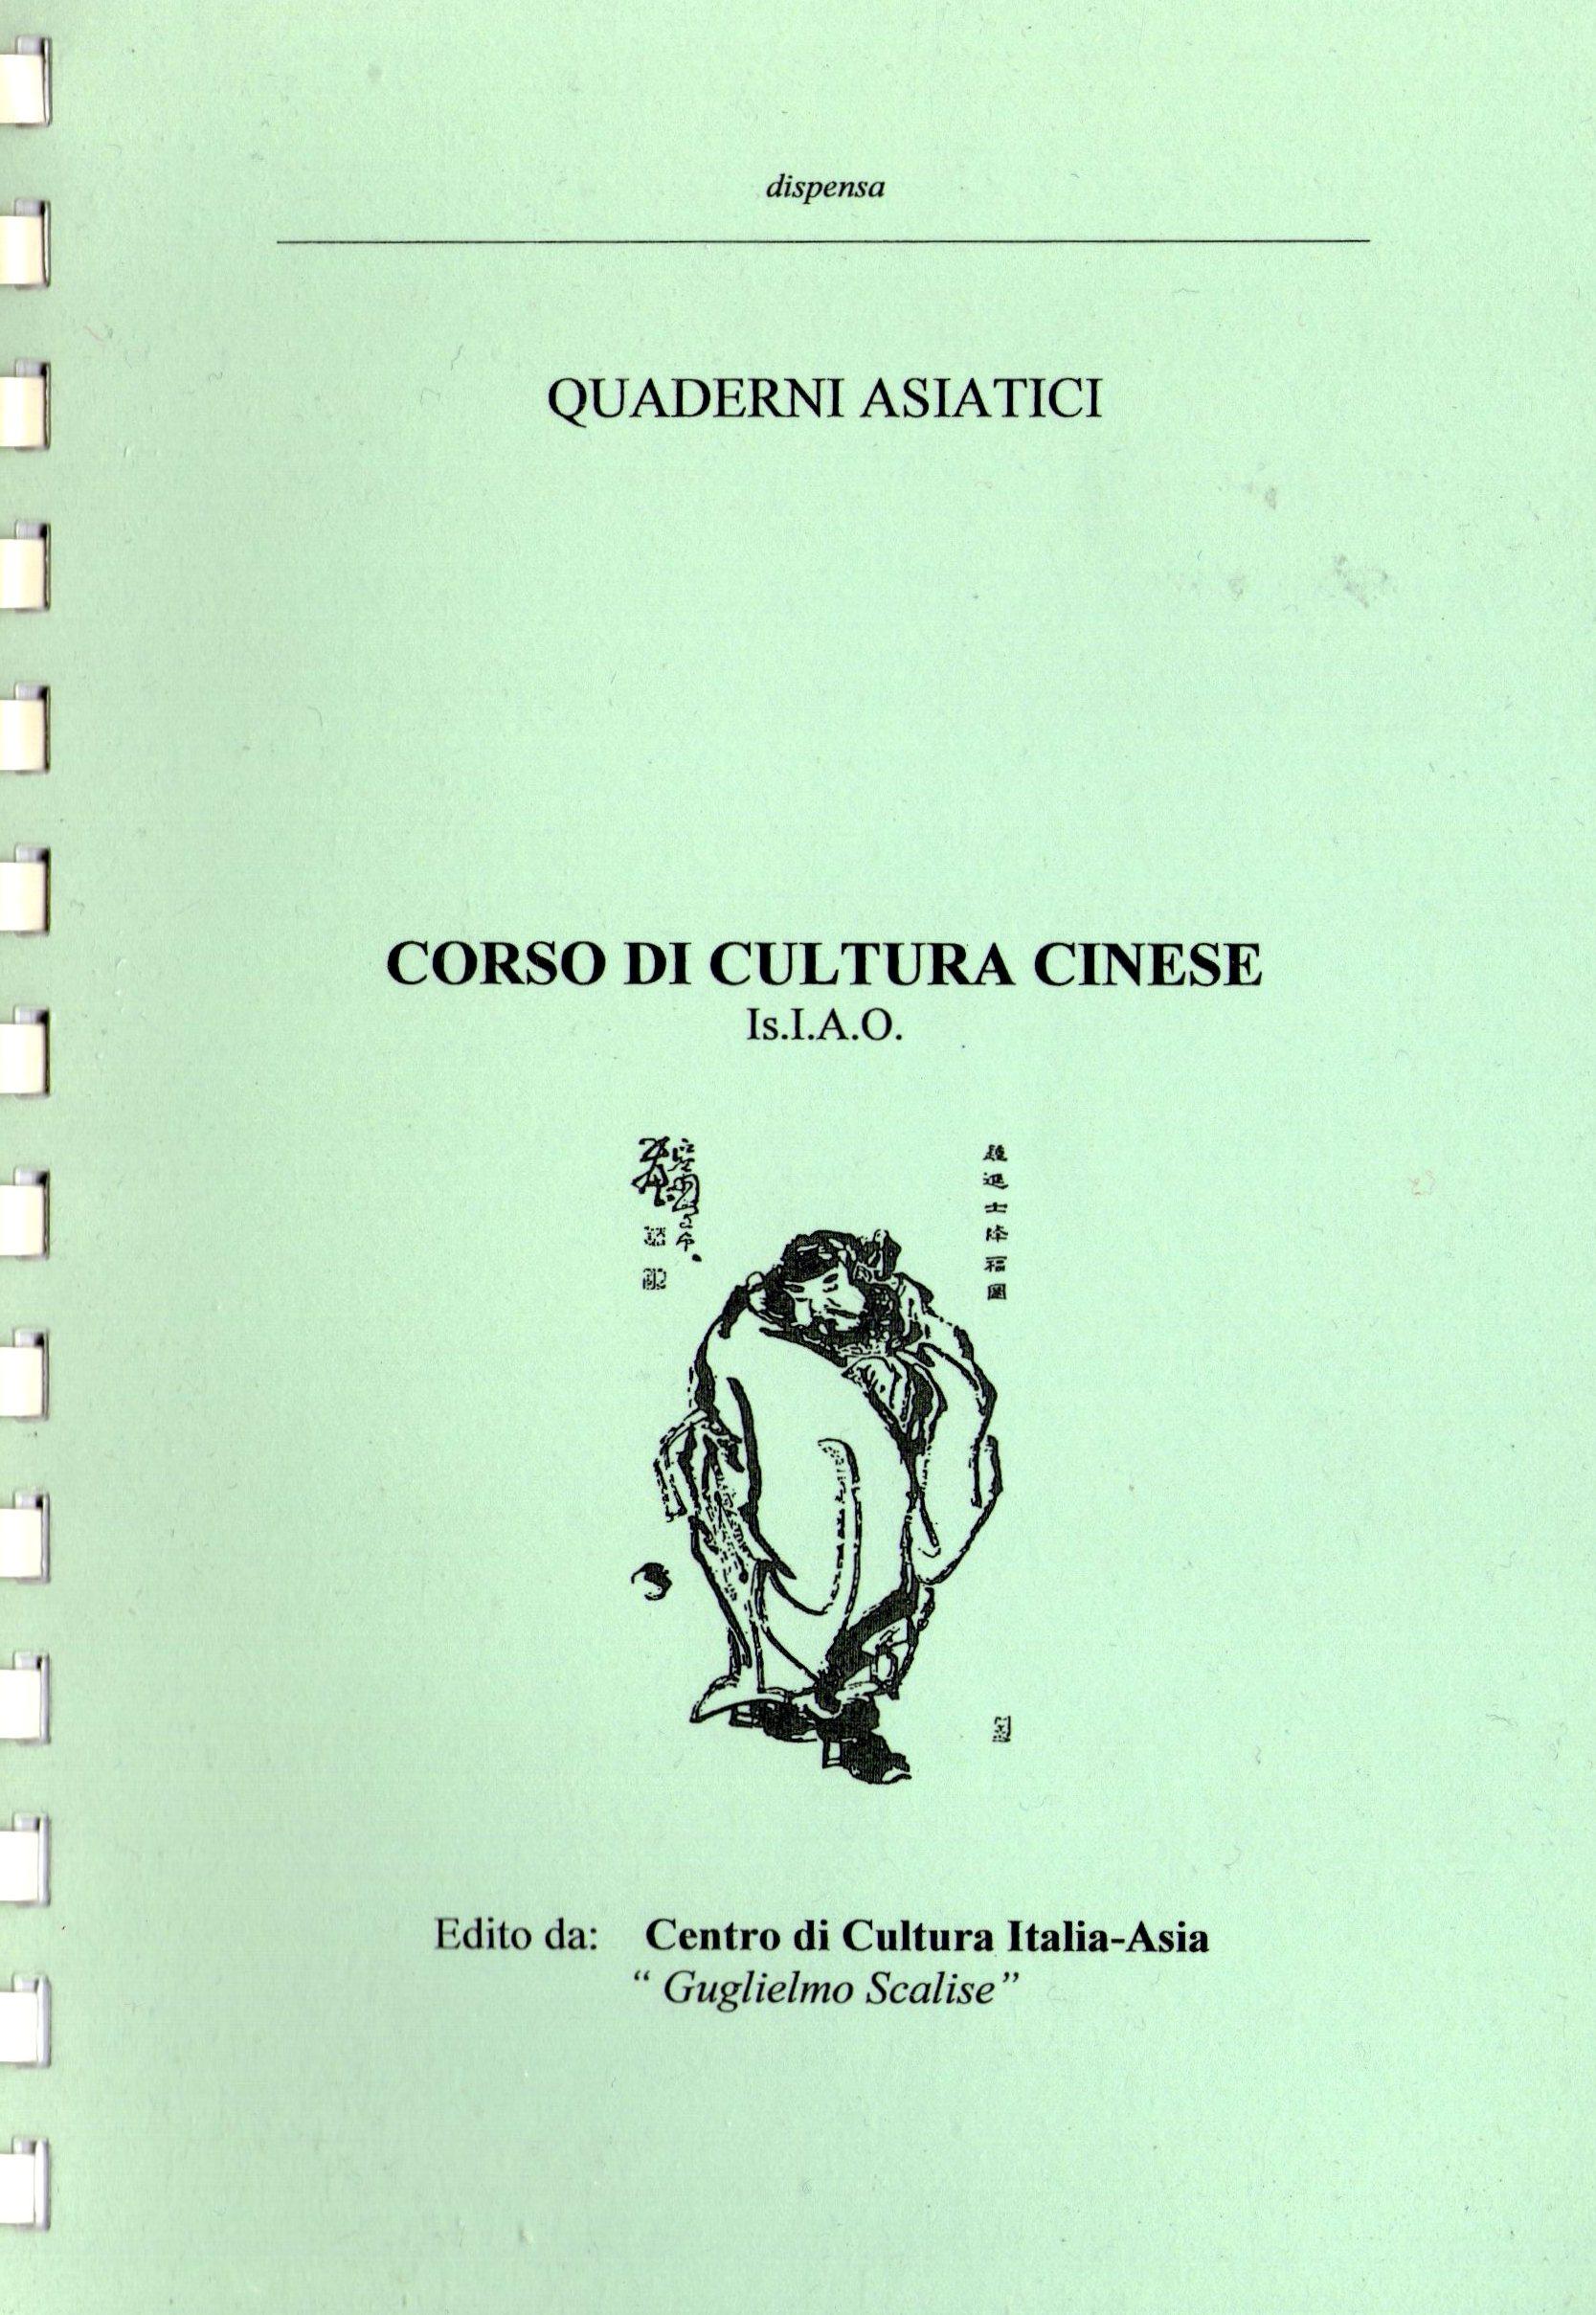 Quaderni Asiatici, Anno XXI, n. 71 (settembre-novembre)